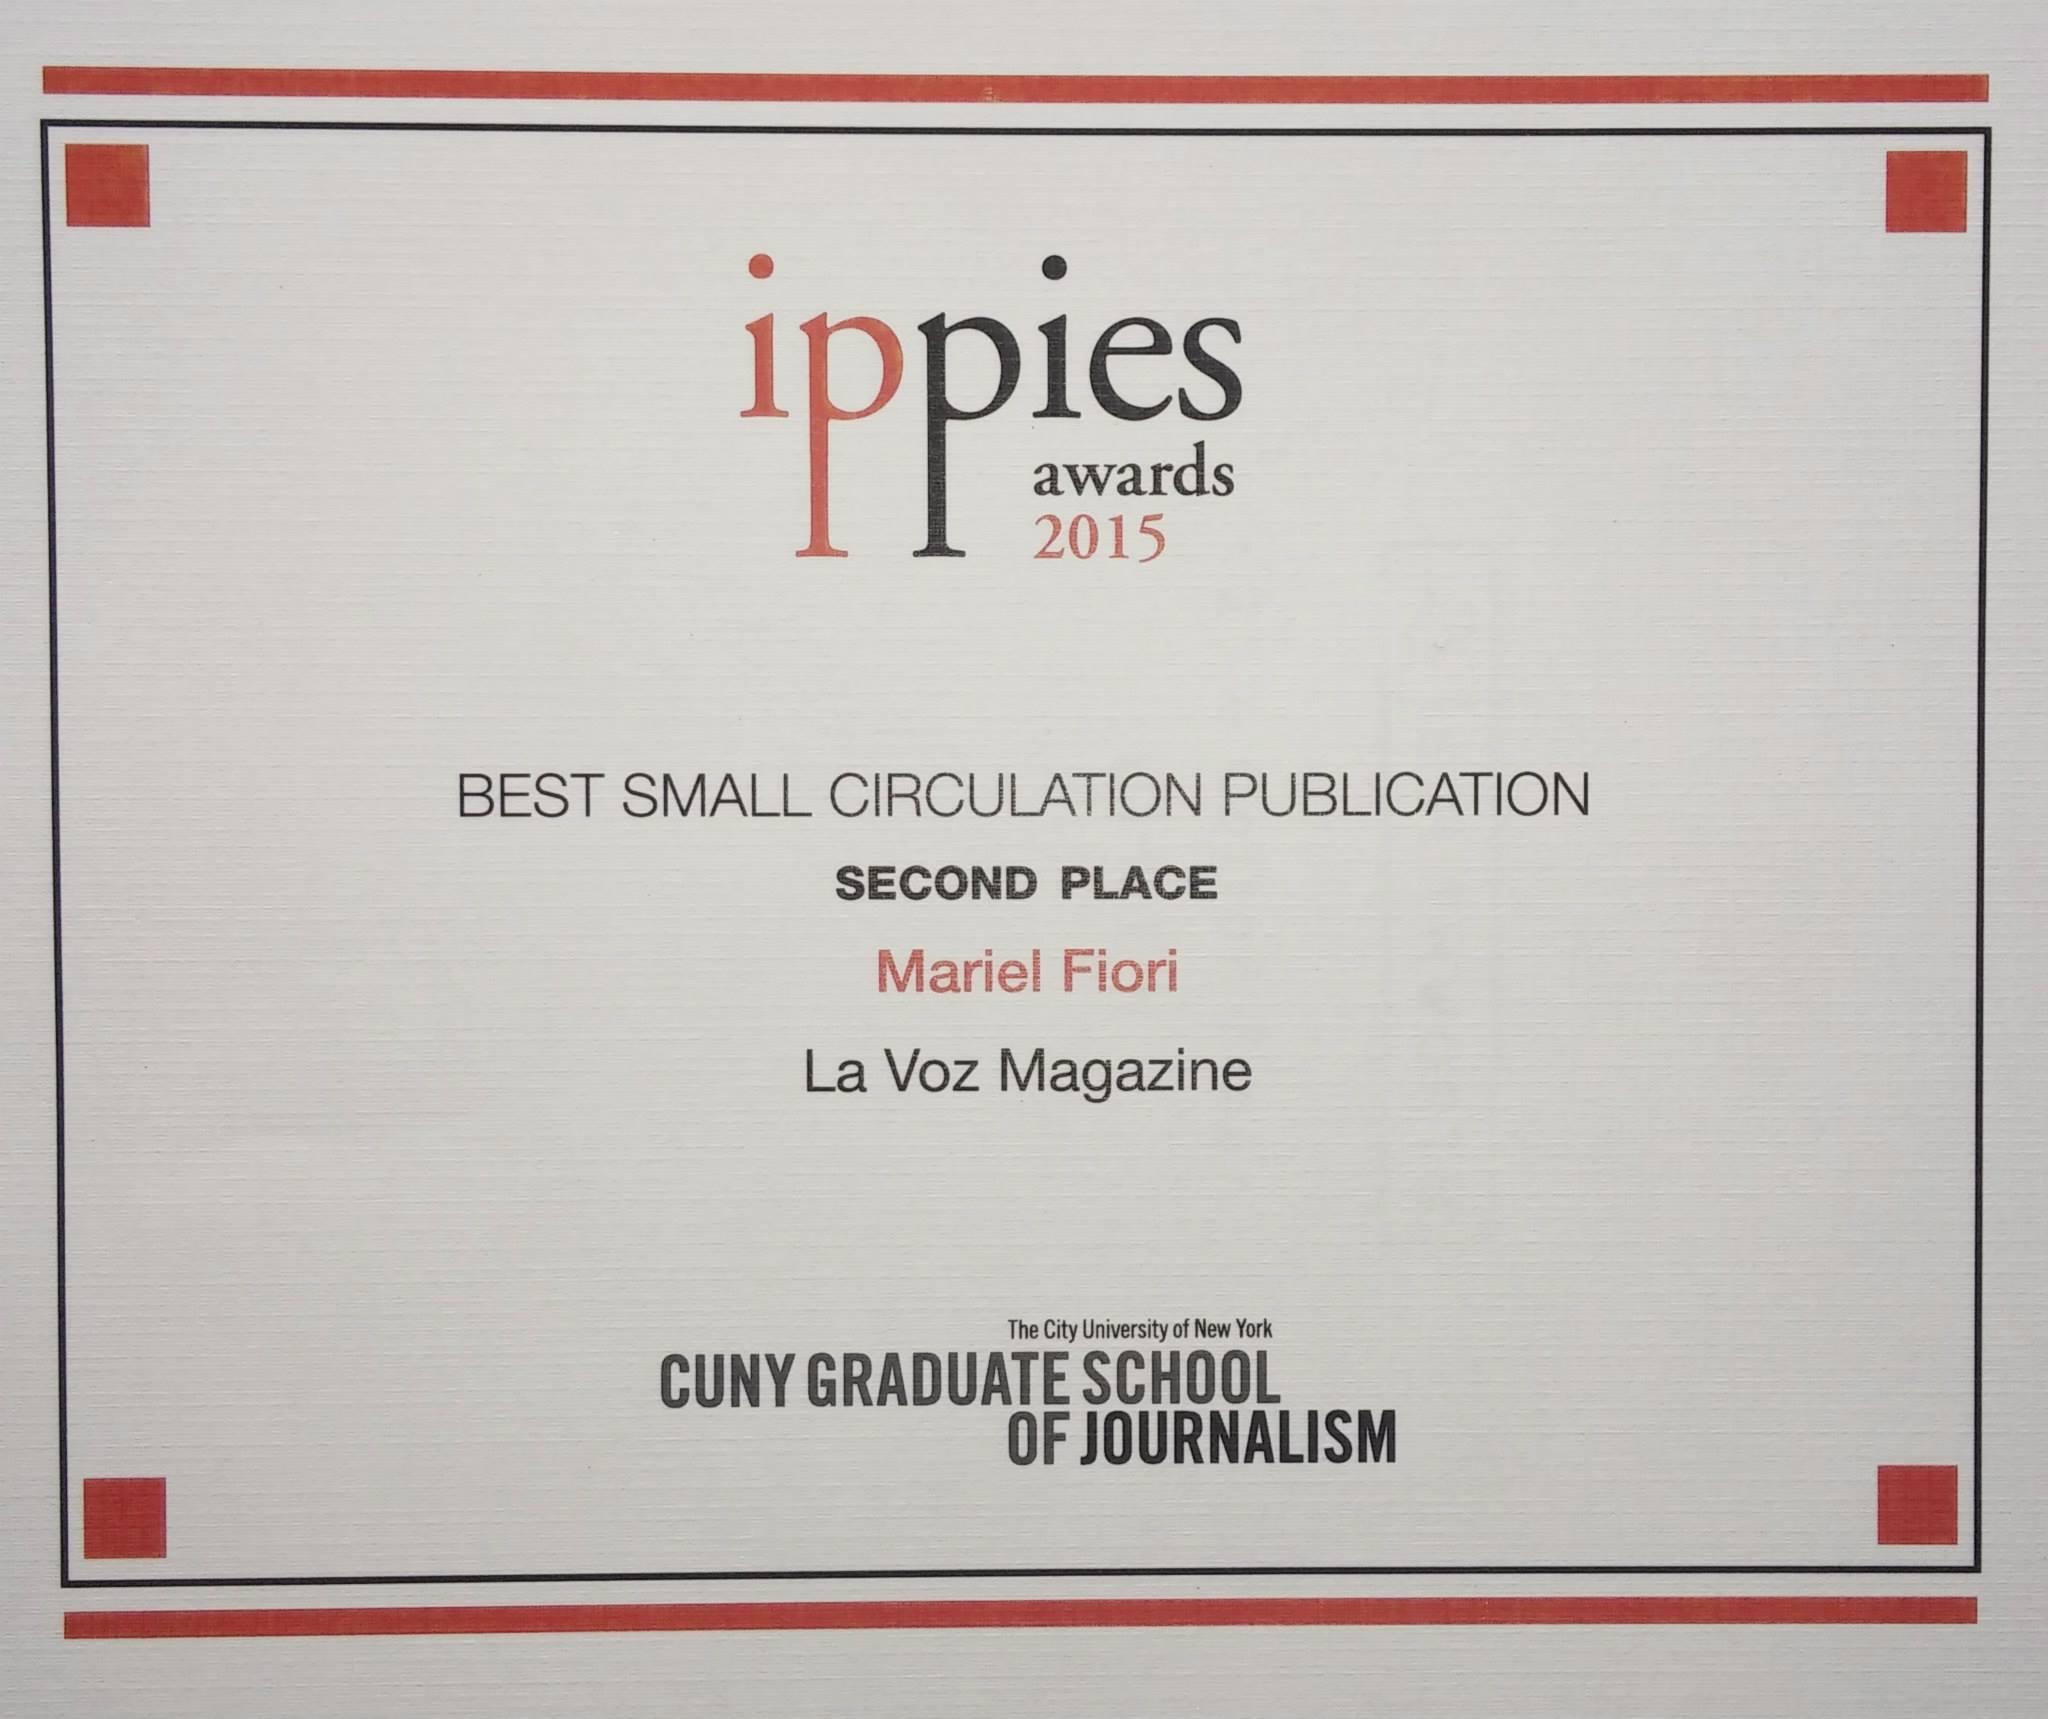 Premio IPPIE otorgado a La Voz